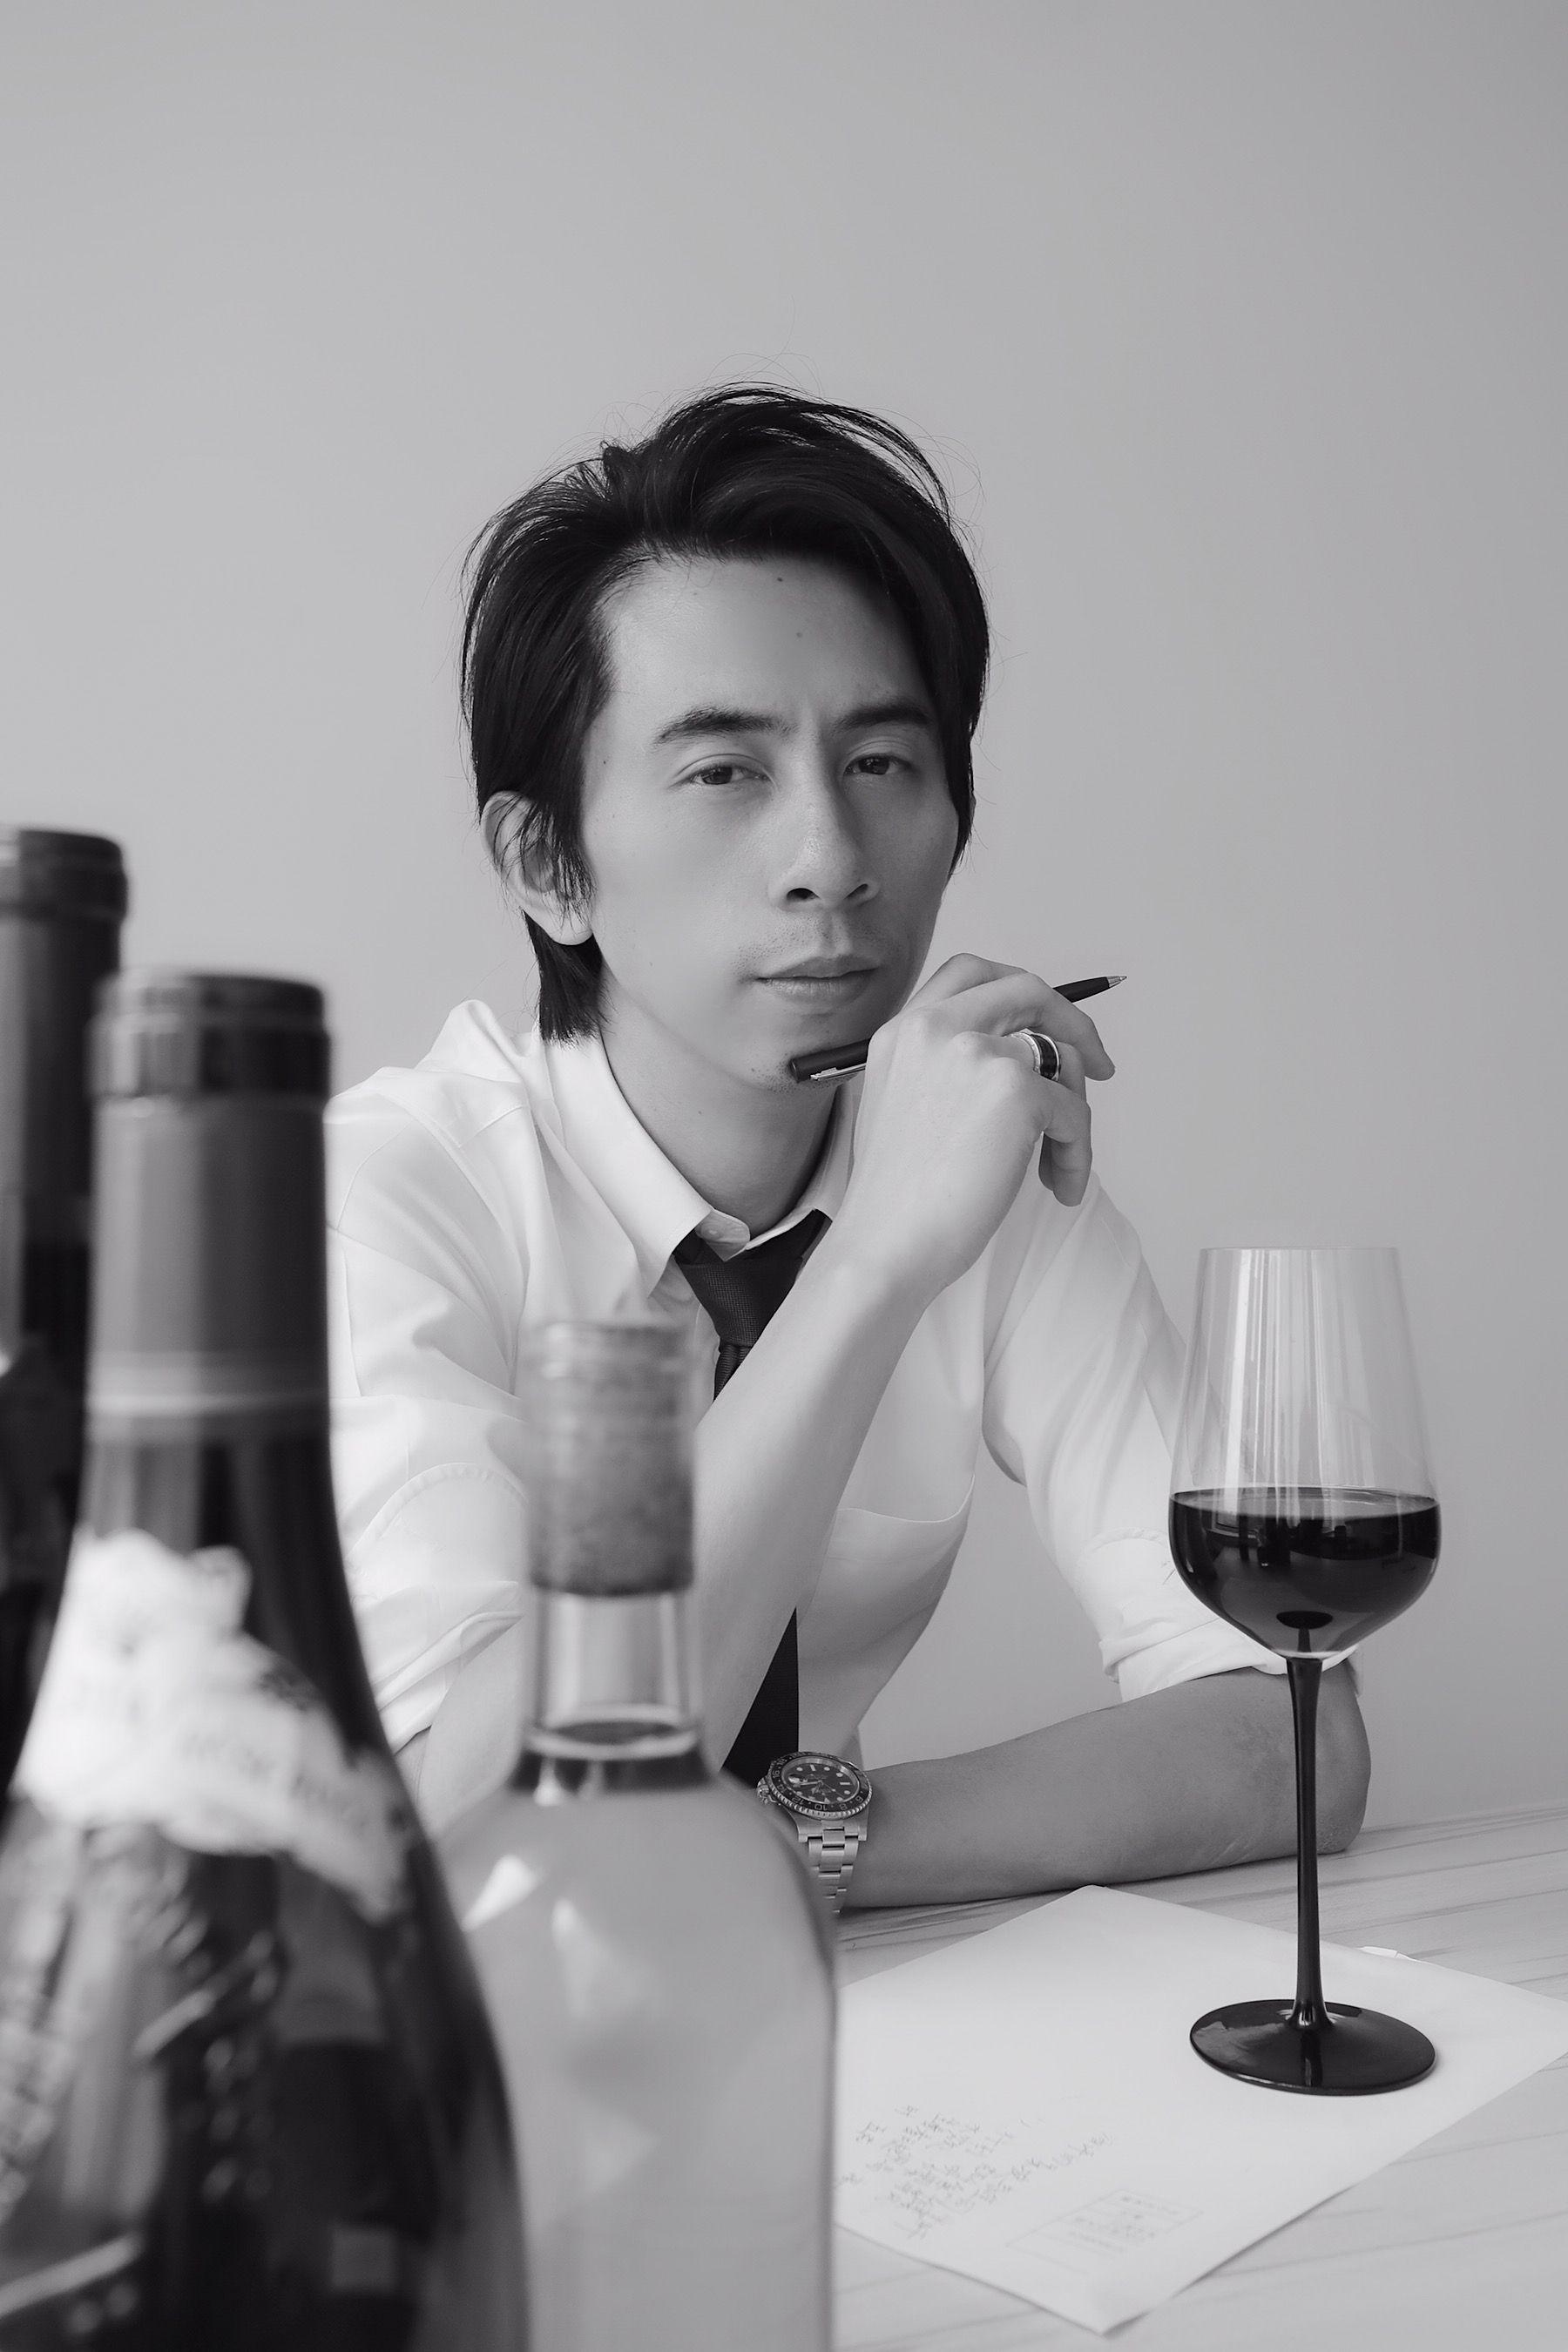 达人酒单丨学霸级葡萄酒专家小皮老师的假日美酒都有啥?图片